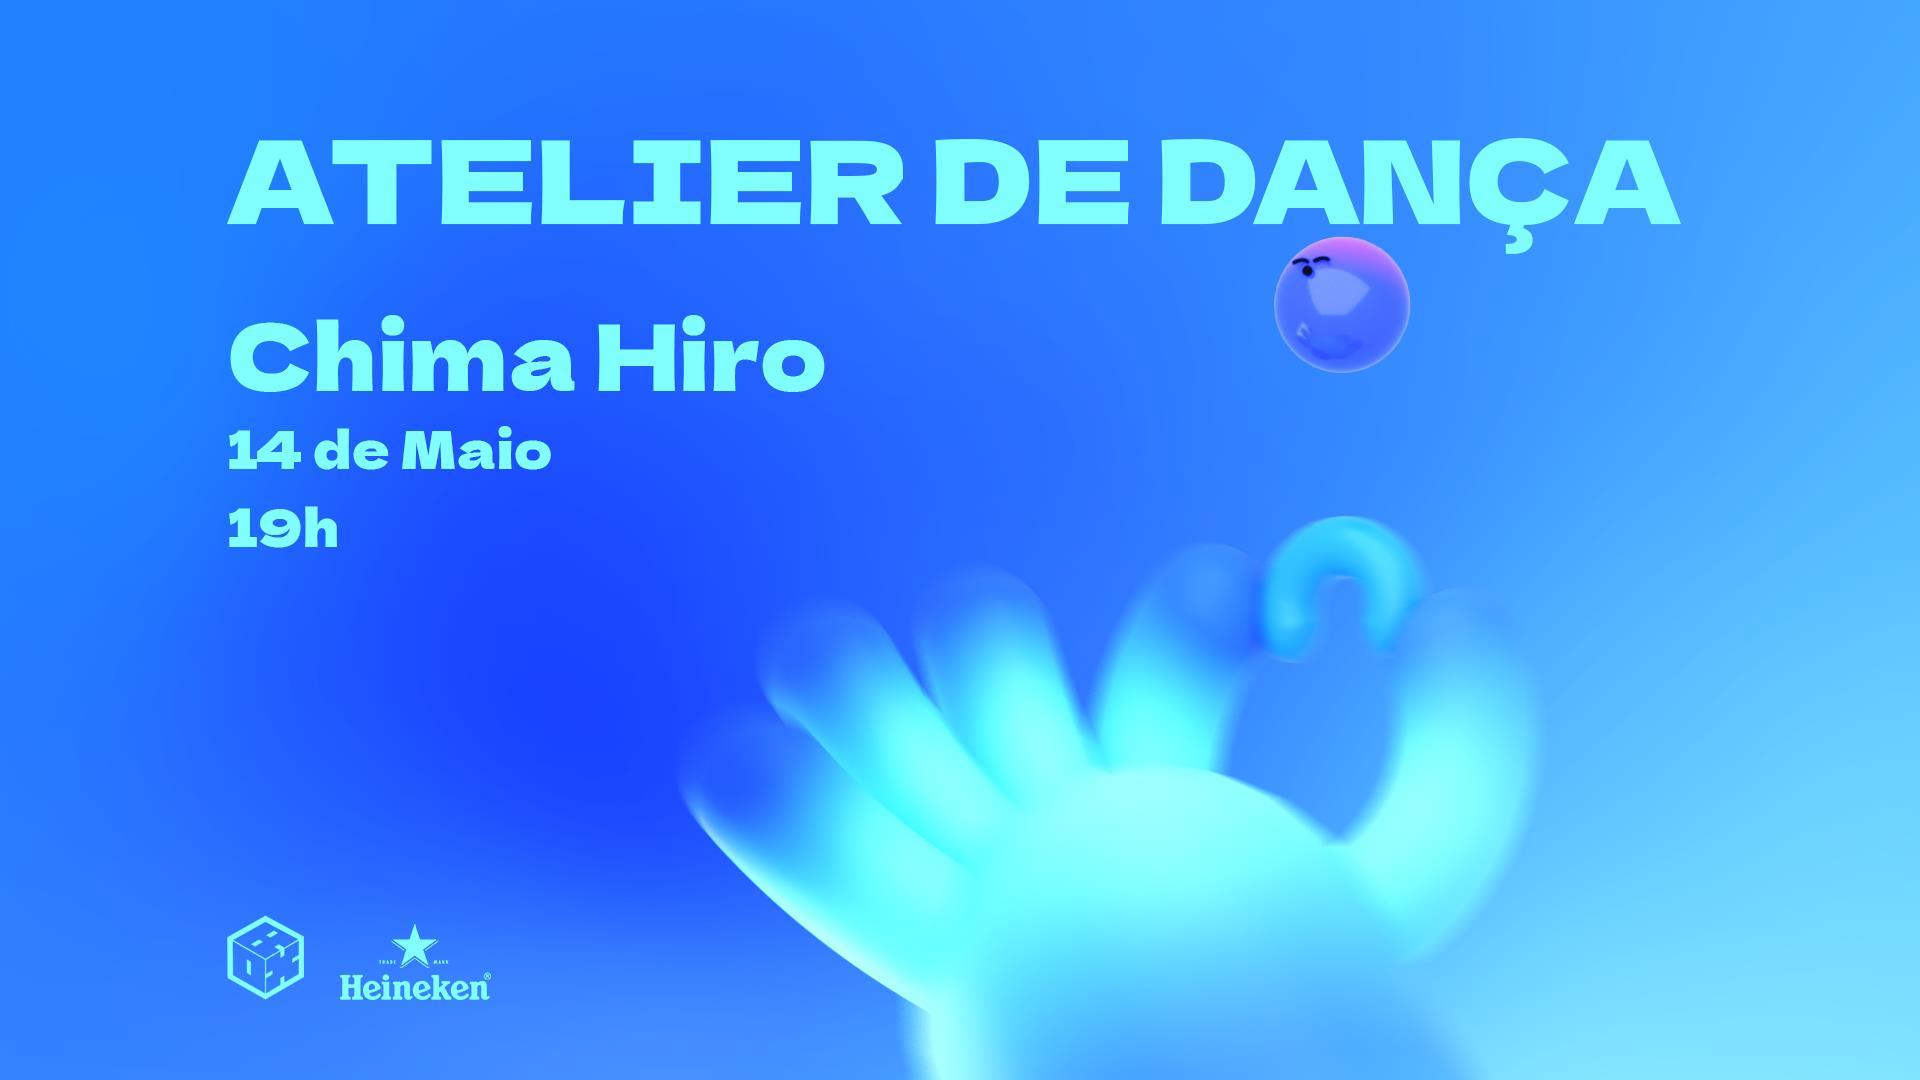 Atelier de Dança com Chima Hiro